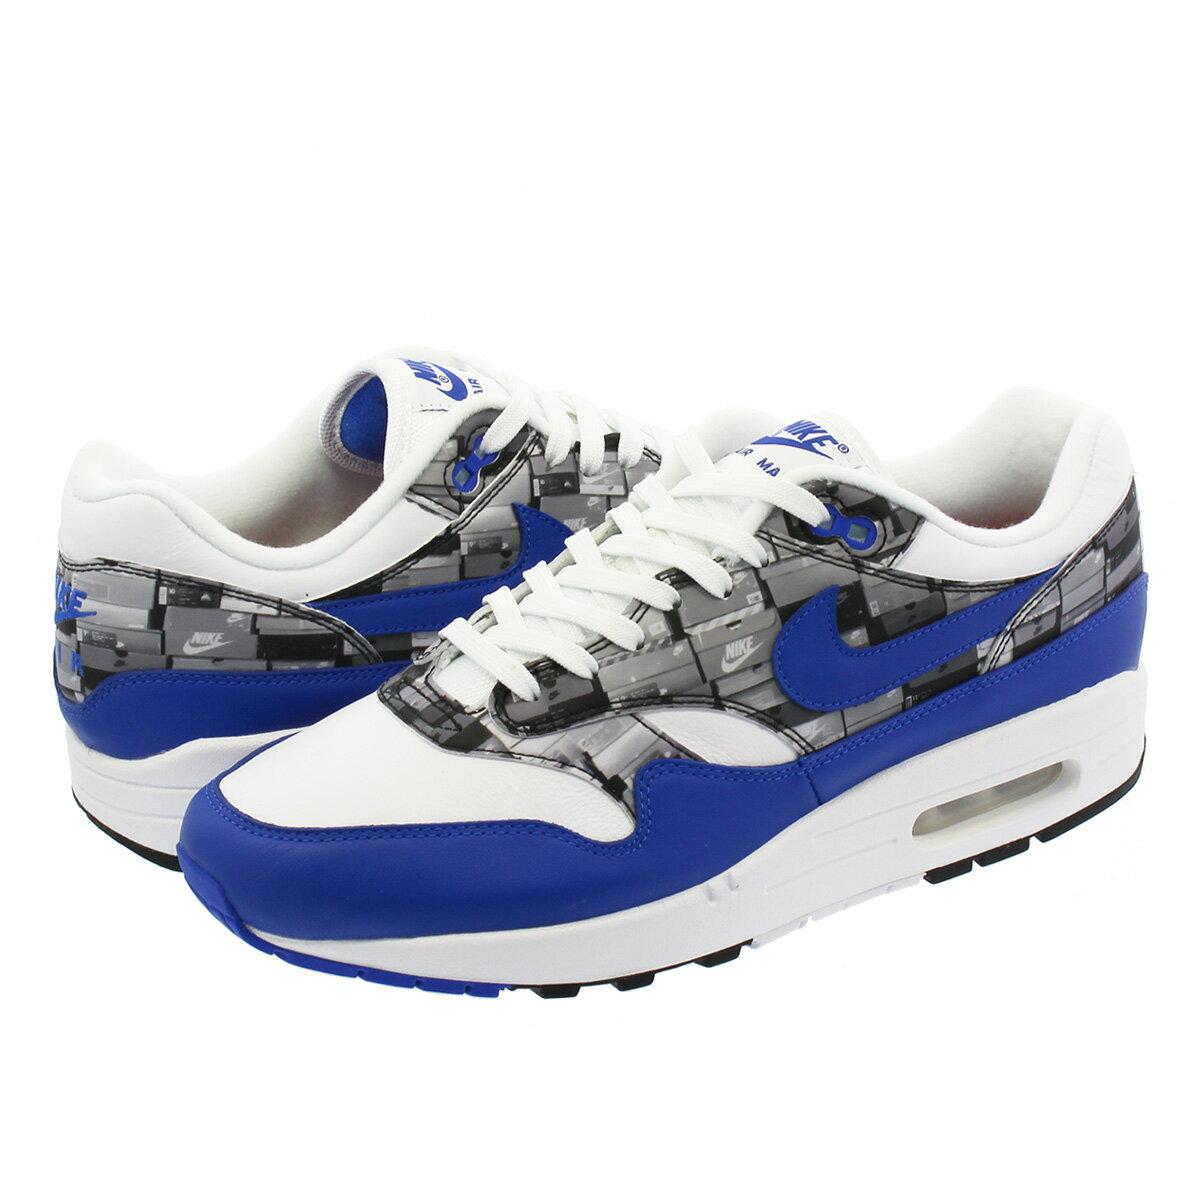 メンズ靴, スニーカー  NIKE AIR MAX 1 PRINT atmos WE LOVE NIKE 1 WHITEGAME ROYALNEUTRAL GREY aq0927-100